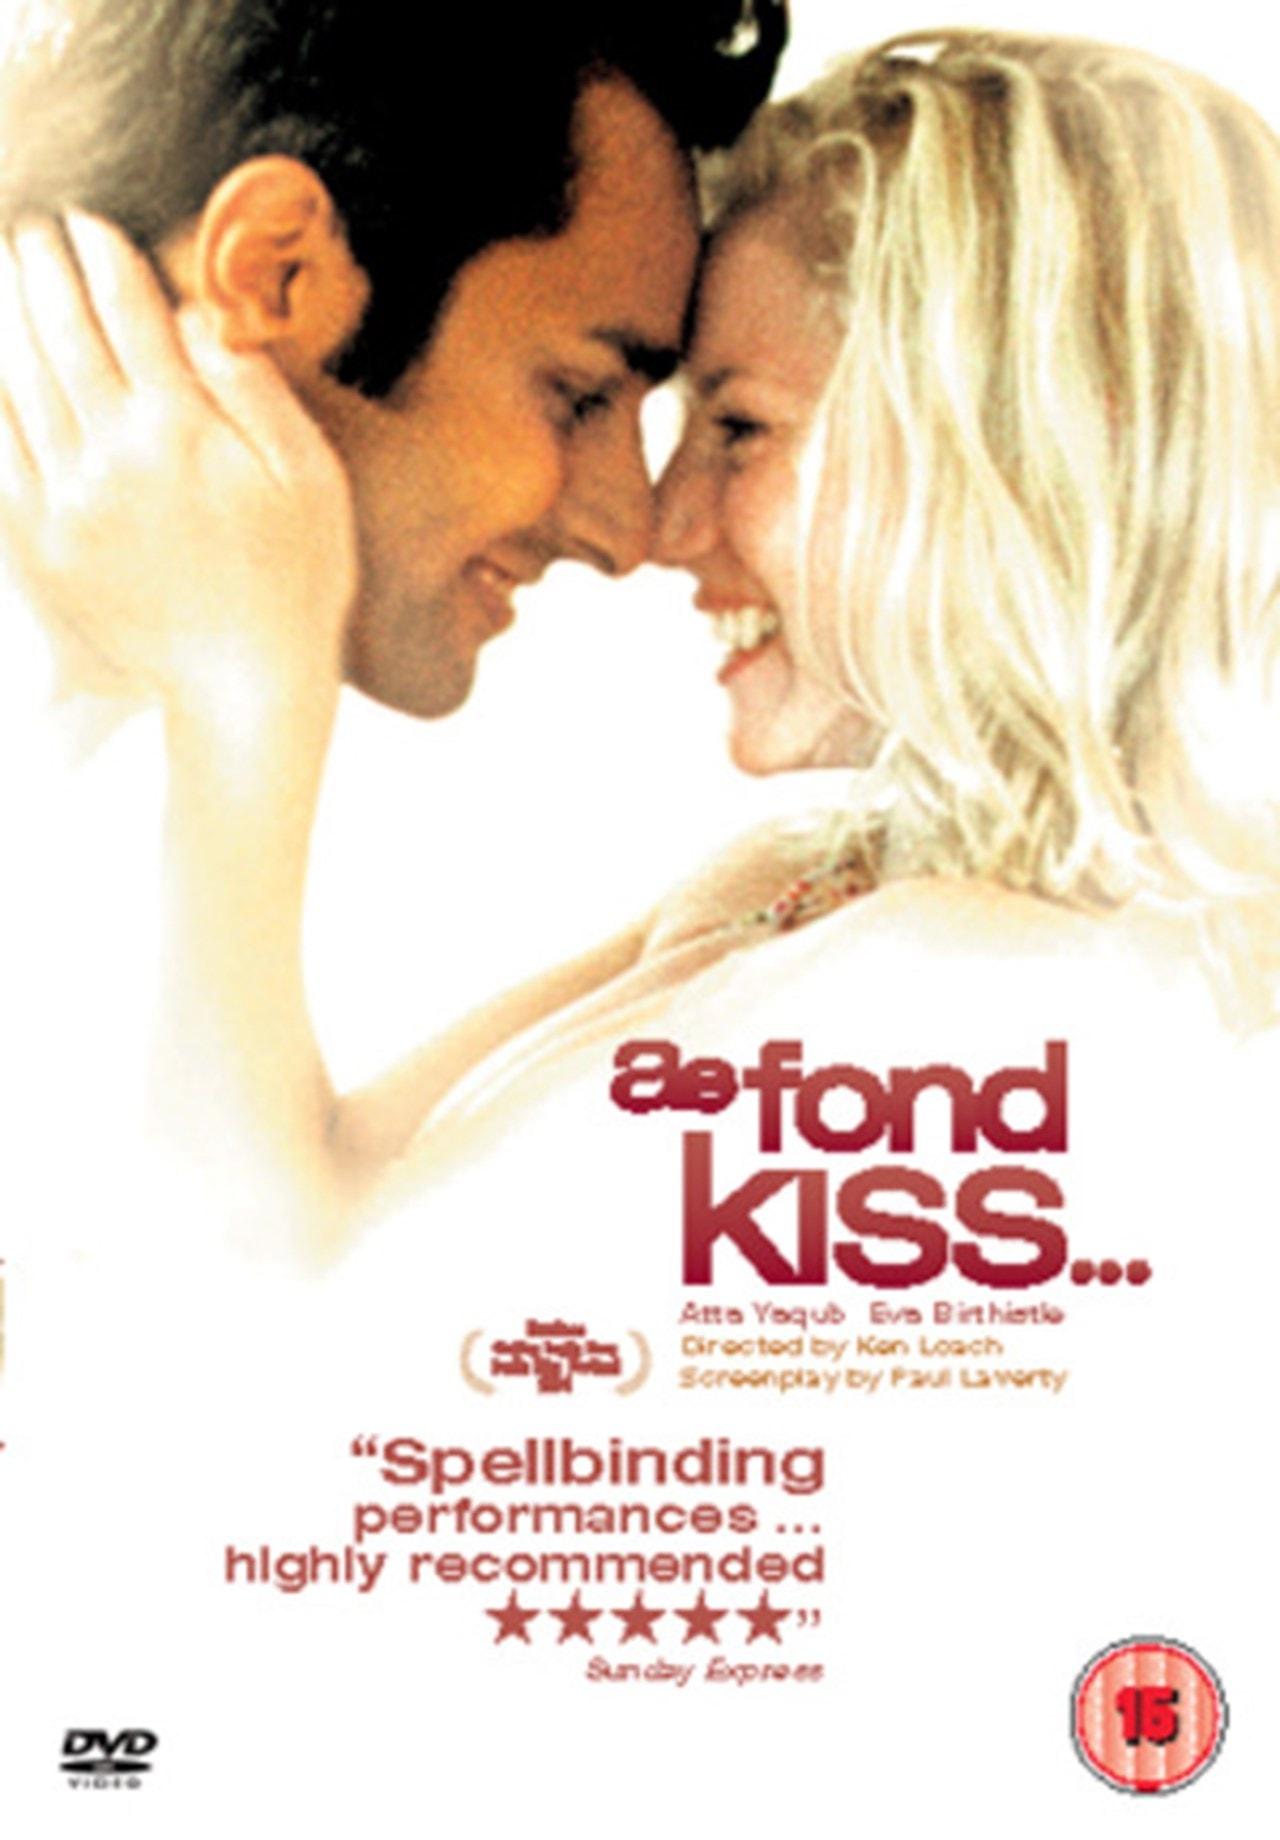 Ae Fond Kiss - 1